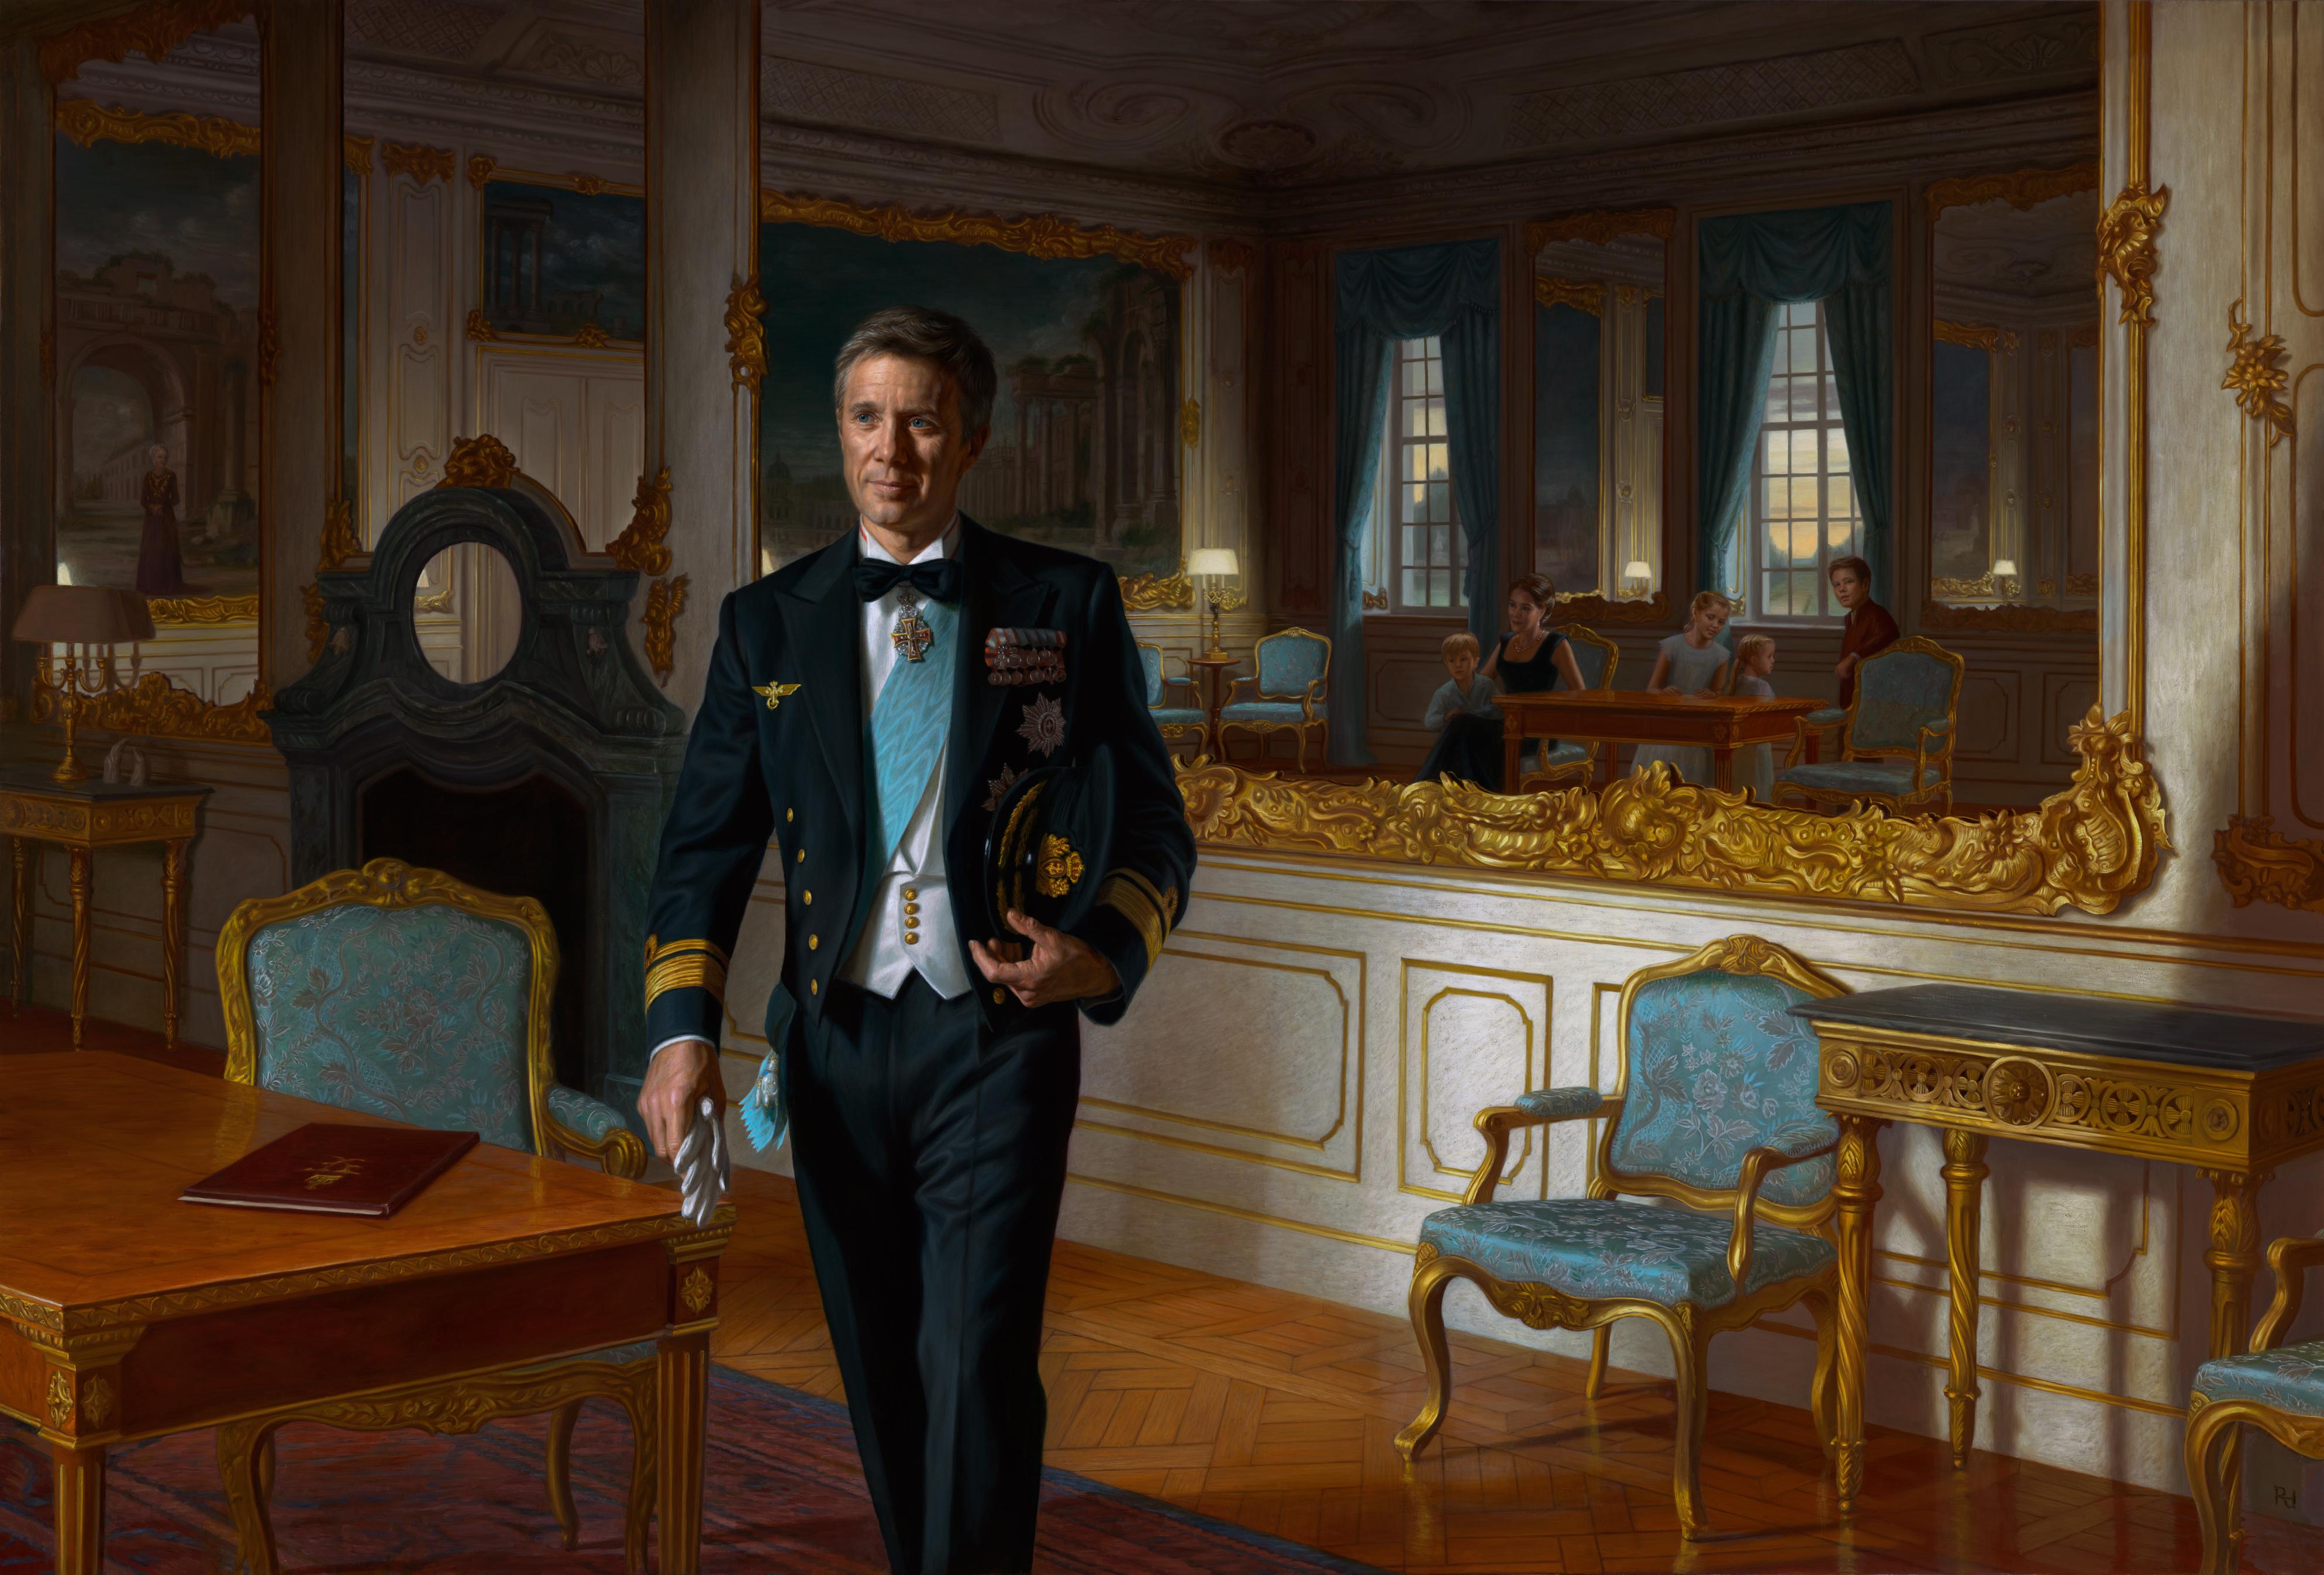 crown-prince-frederik_ralph-heimans.6mb.jpg klausuleret